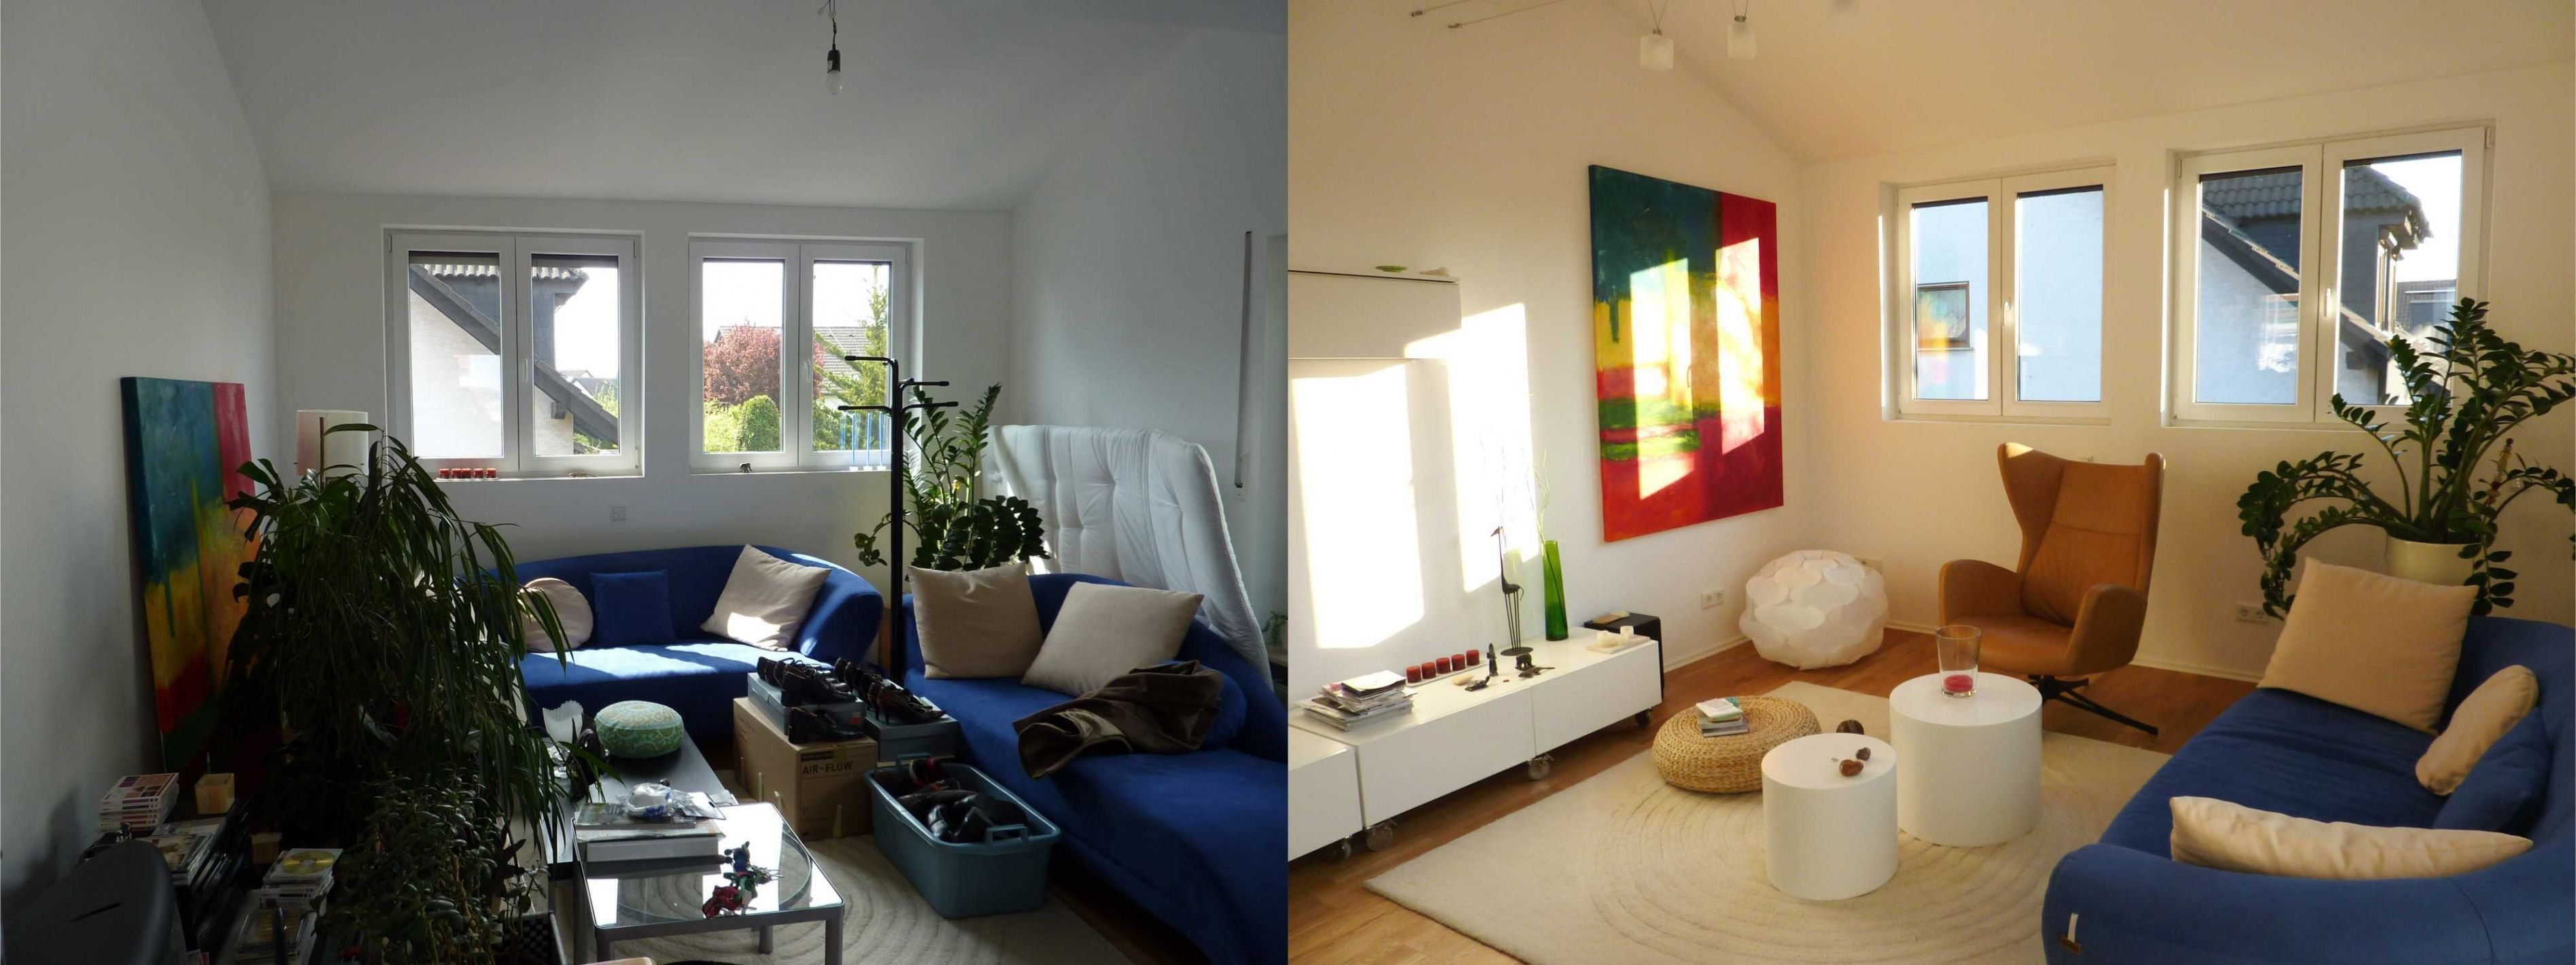 Wundervoll Ehrfürchtig Wohnzimmer Neu Gestalten Vorher Nachher